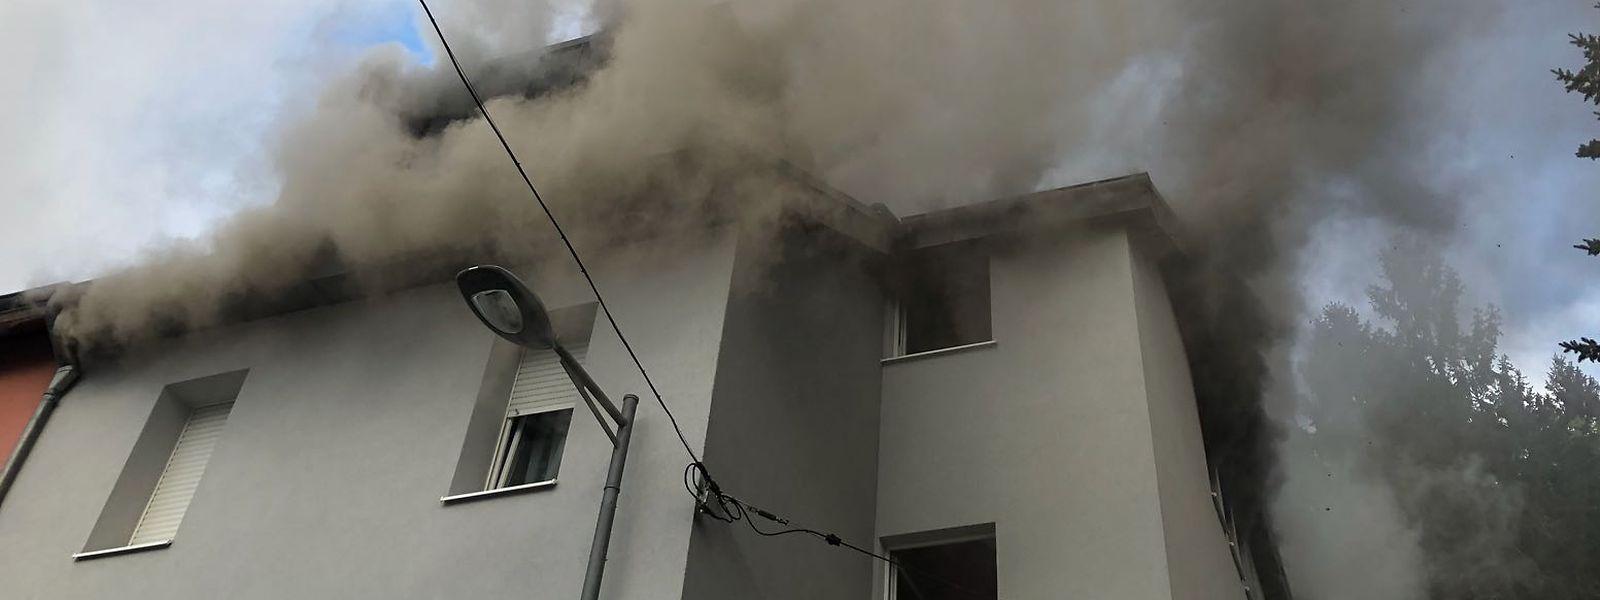 Der Dachstuhl des Wohnhauses wurde arg in Mitleidenschaft gezogen.